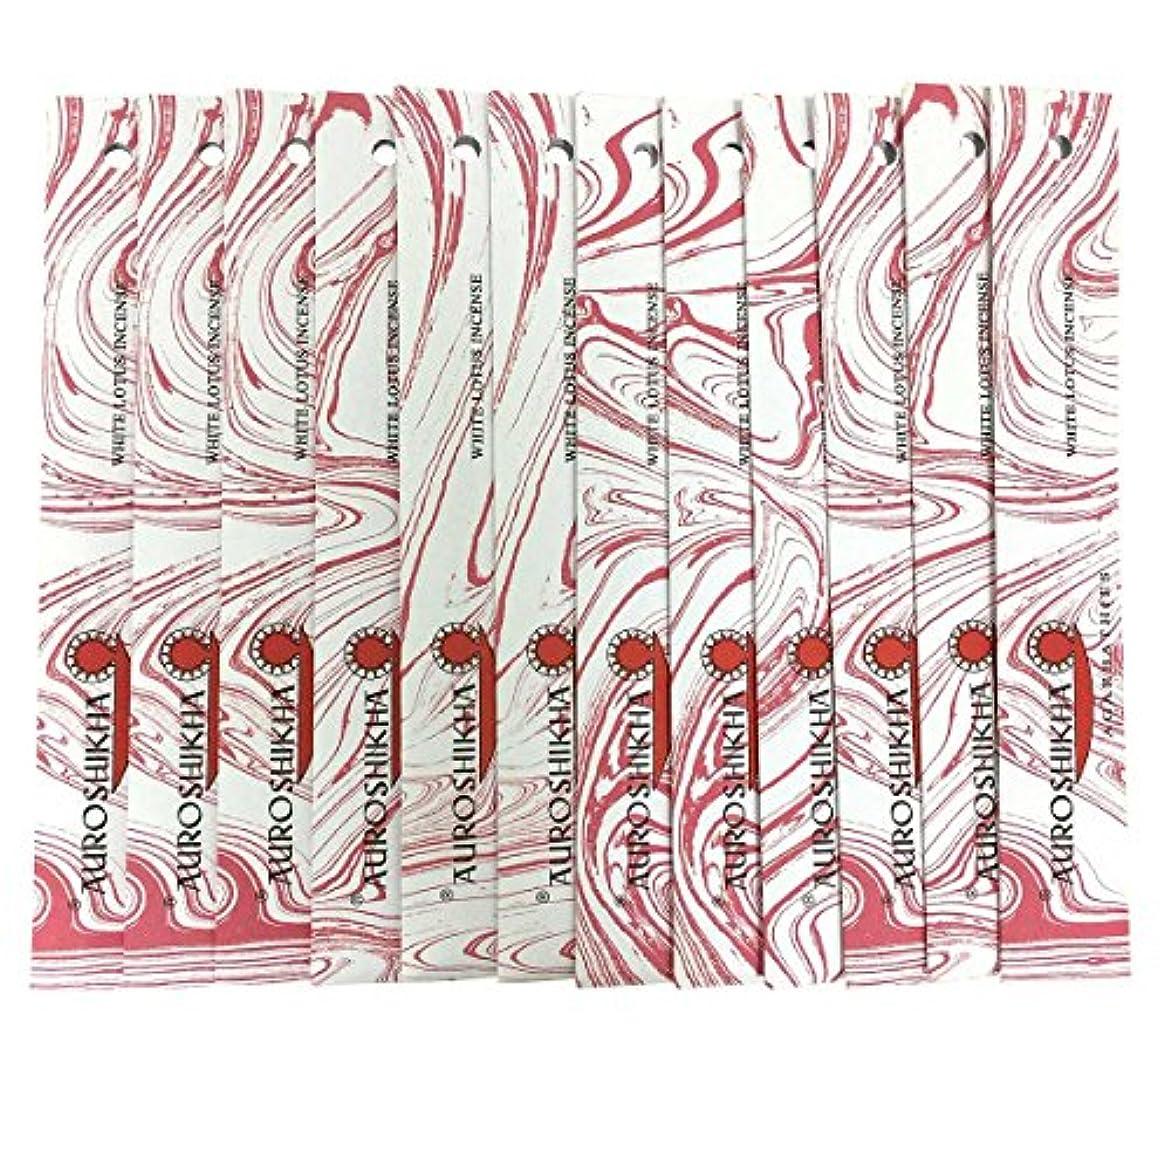 標準二層許さないAUROSHIKHA オウロシカ(WHITE LOTUSホワイトロータス12個セット) マーブルパッケージスティック 送料無料